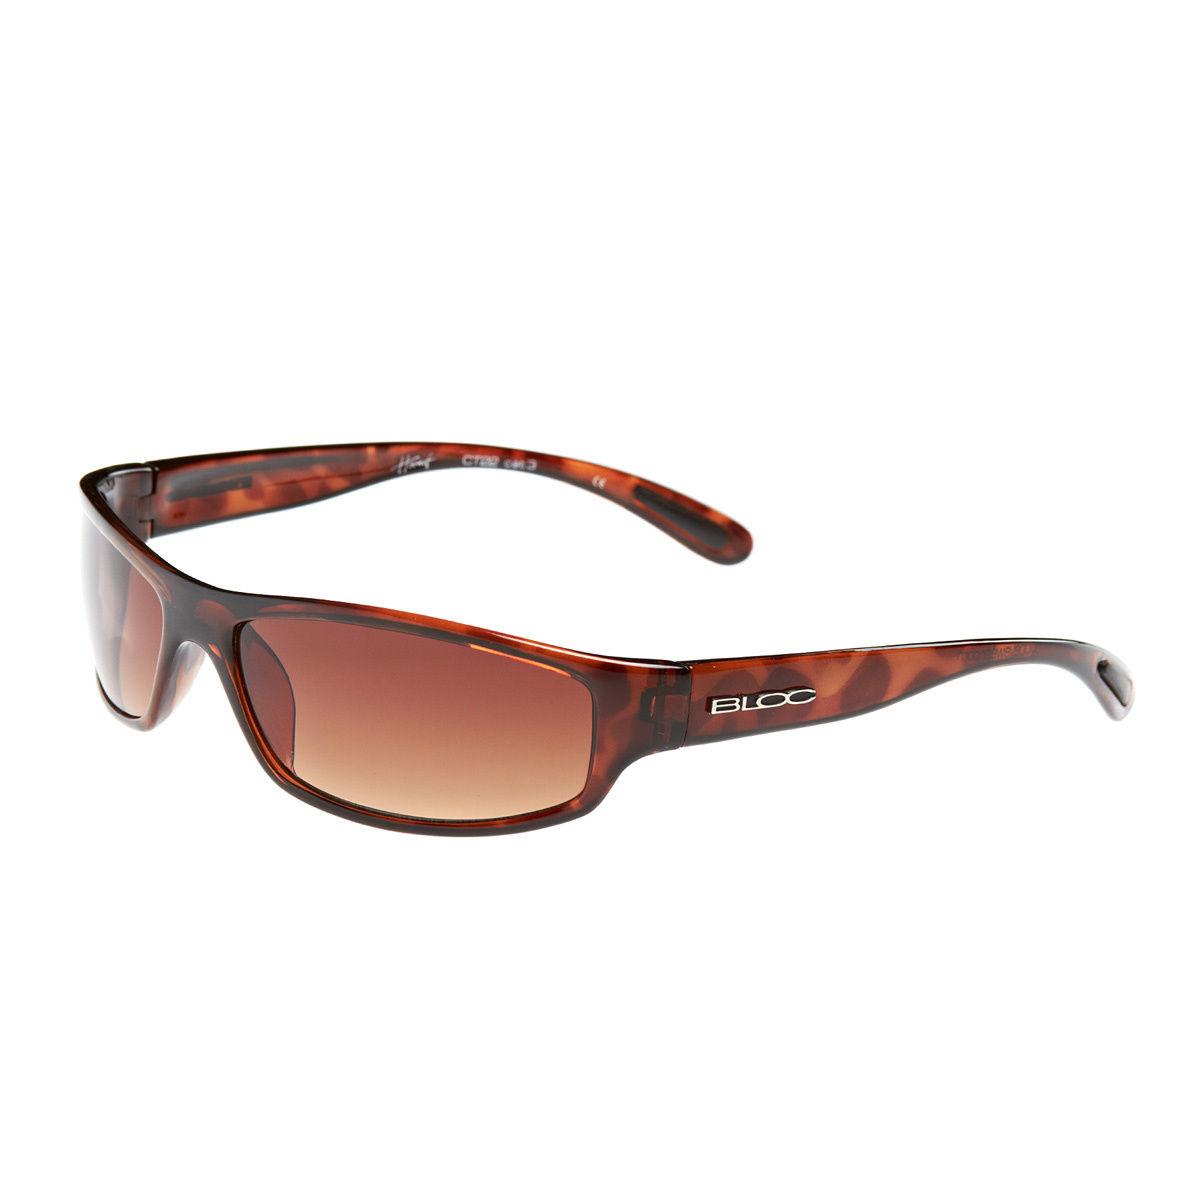 84cbf6fd5f5 Bloc Square Polarised Sunglasses